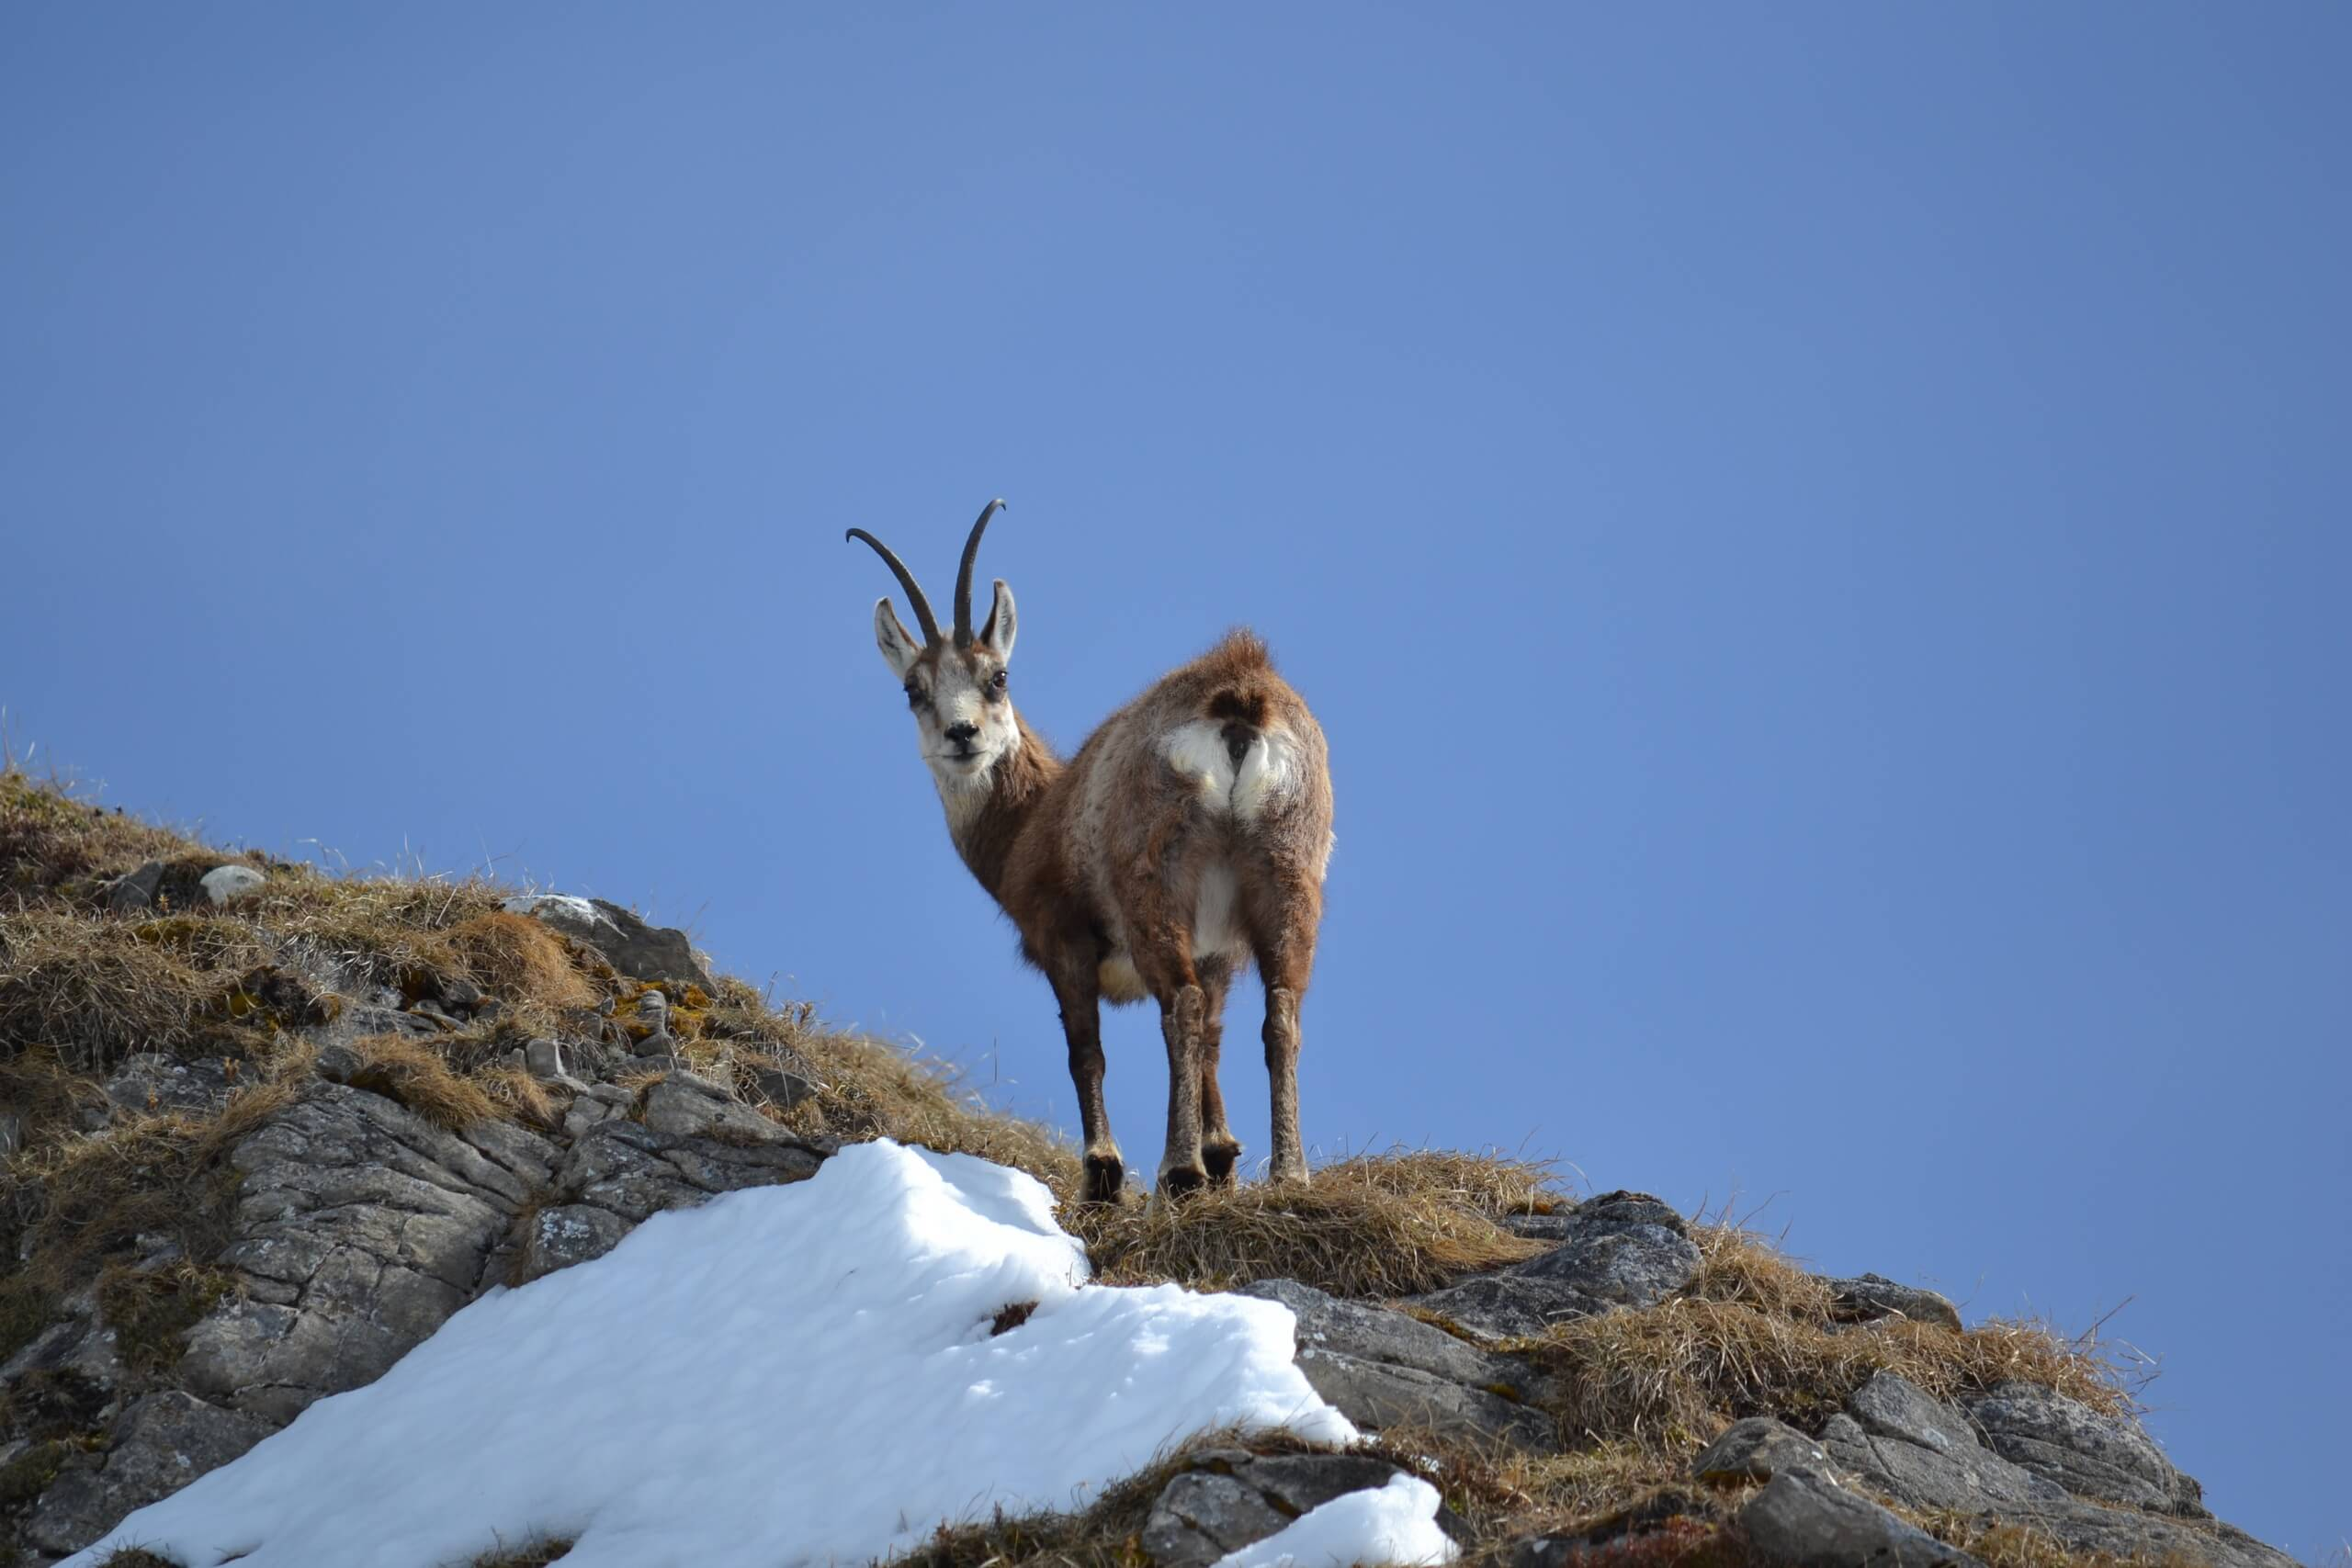 habkern-baerg-wild-landschaftstouren-wildbeobachtung